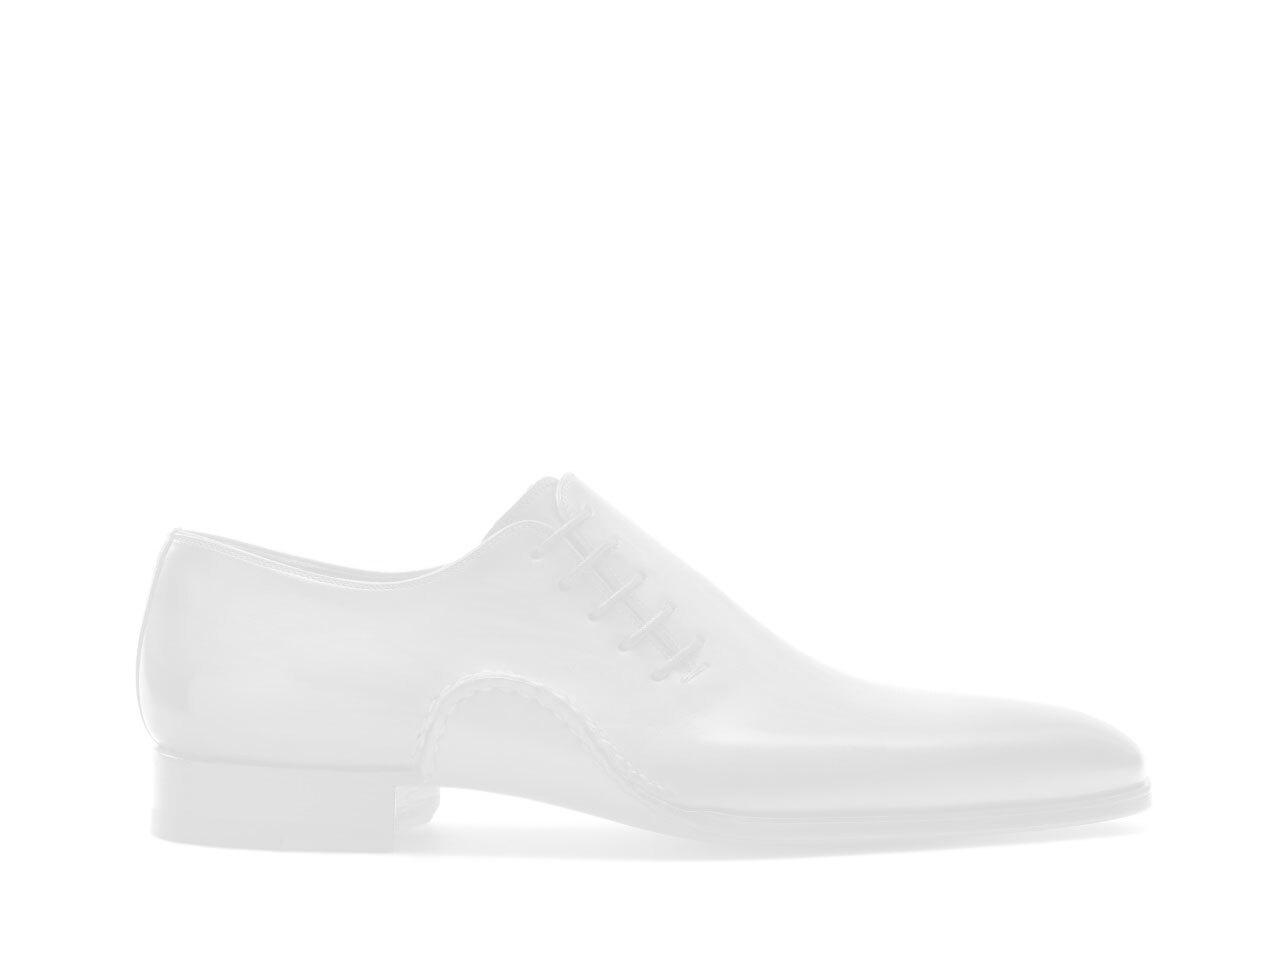 Sole of the Magnanni Dante Wide Black Patent Men's Derby Shoes